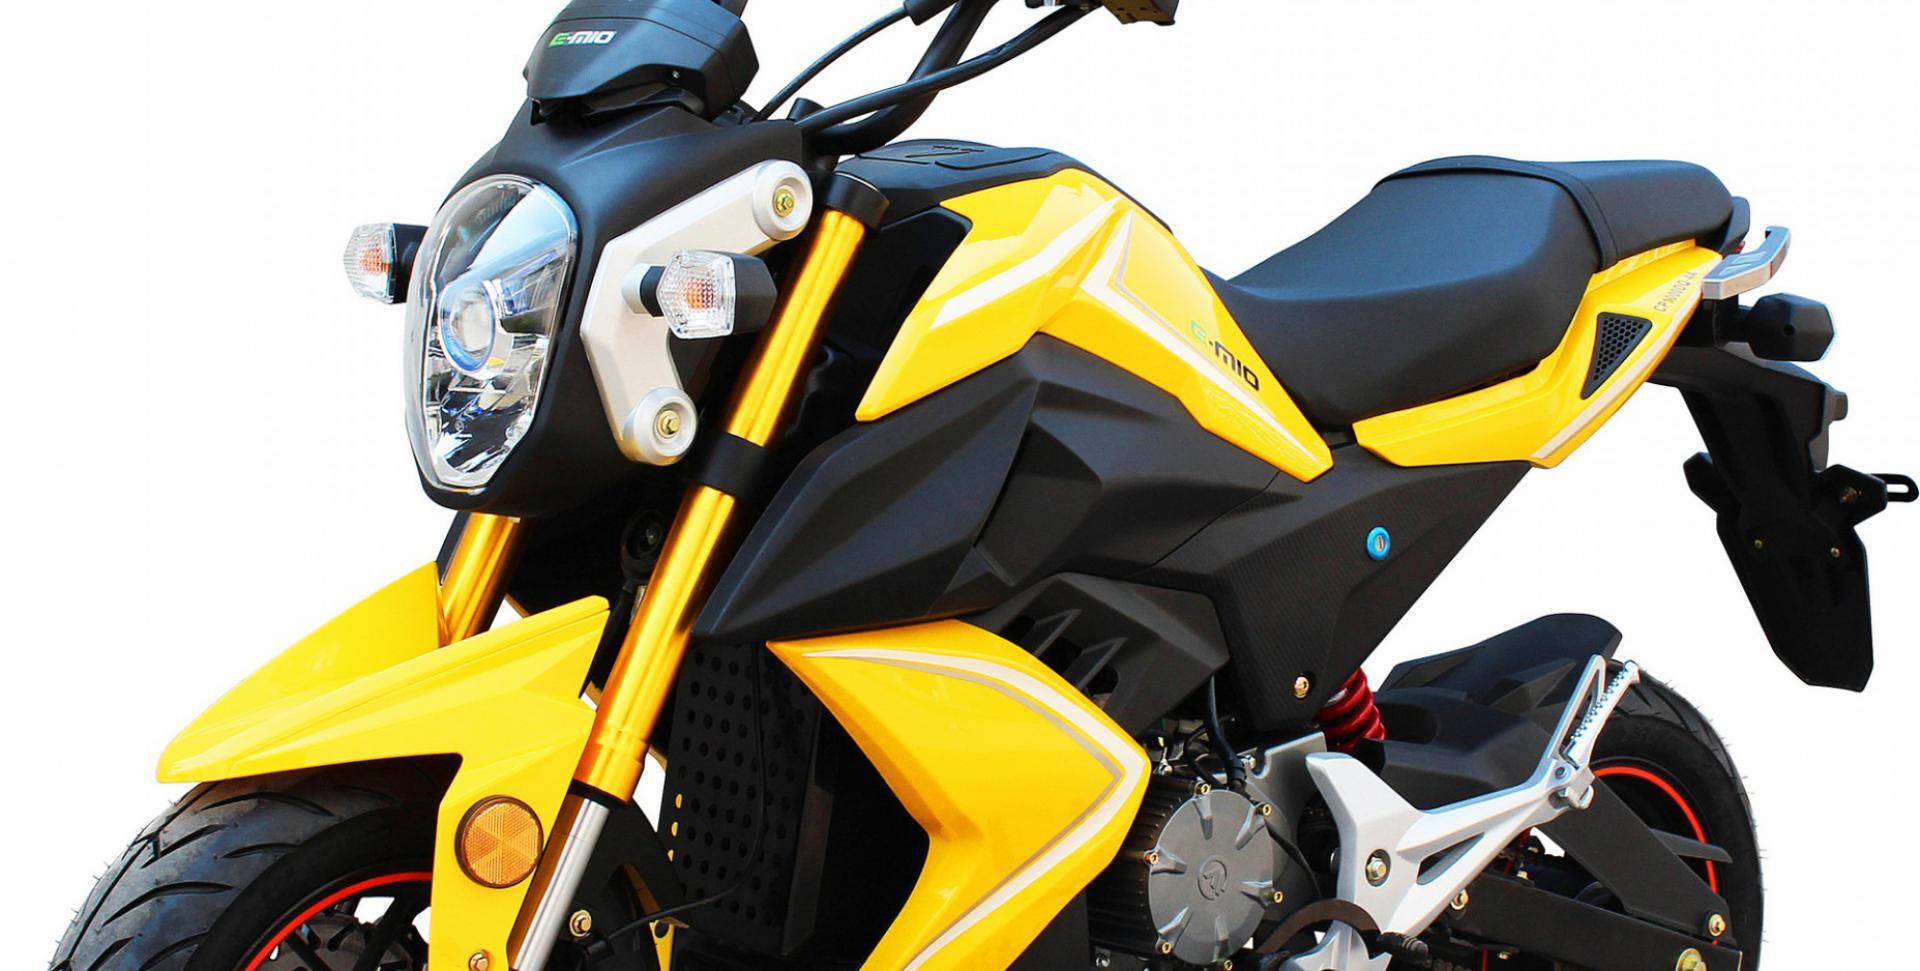 E-Mio-Vento-yellow-foto05.jpg